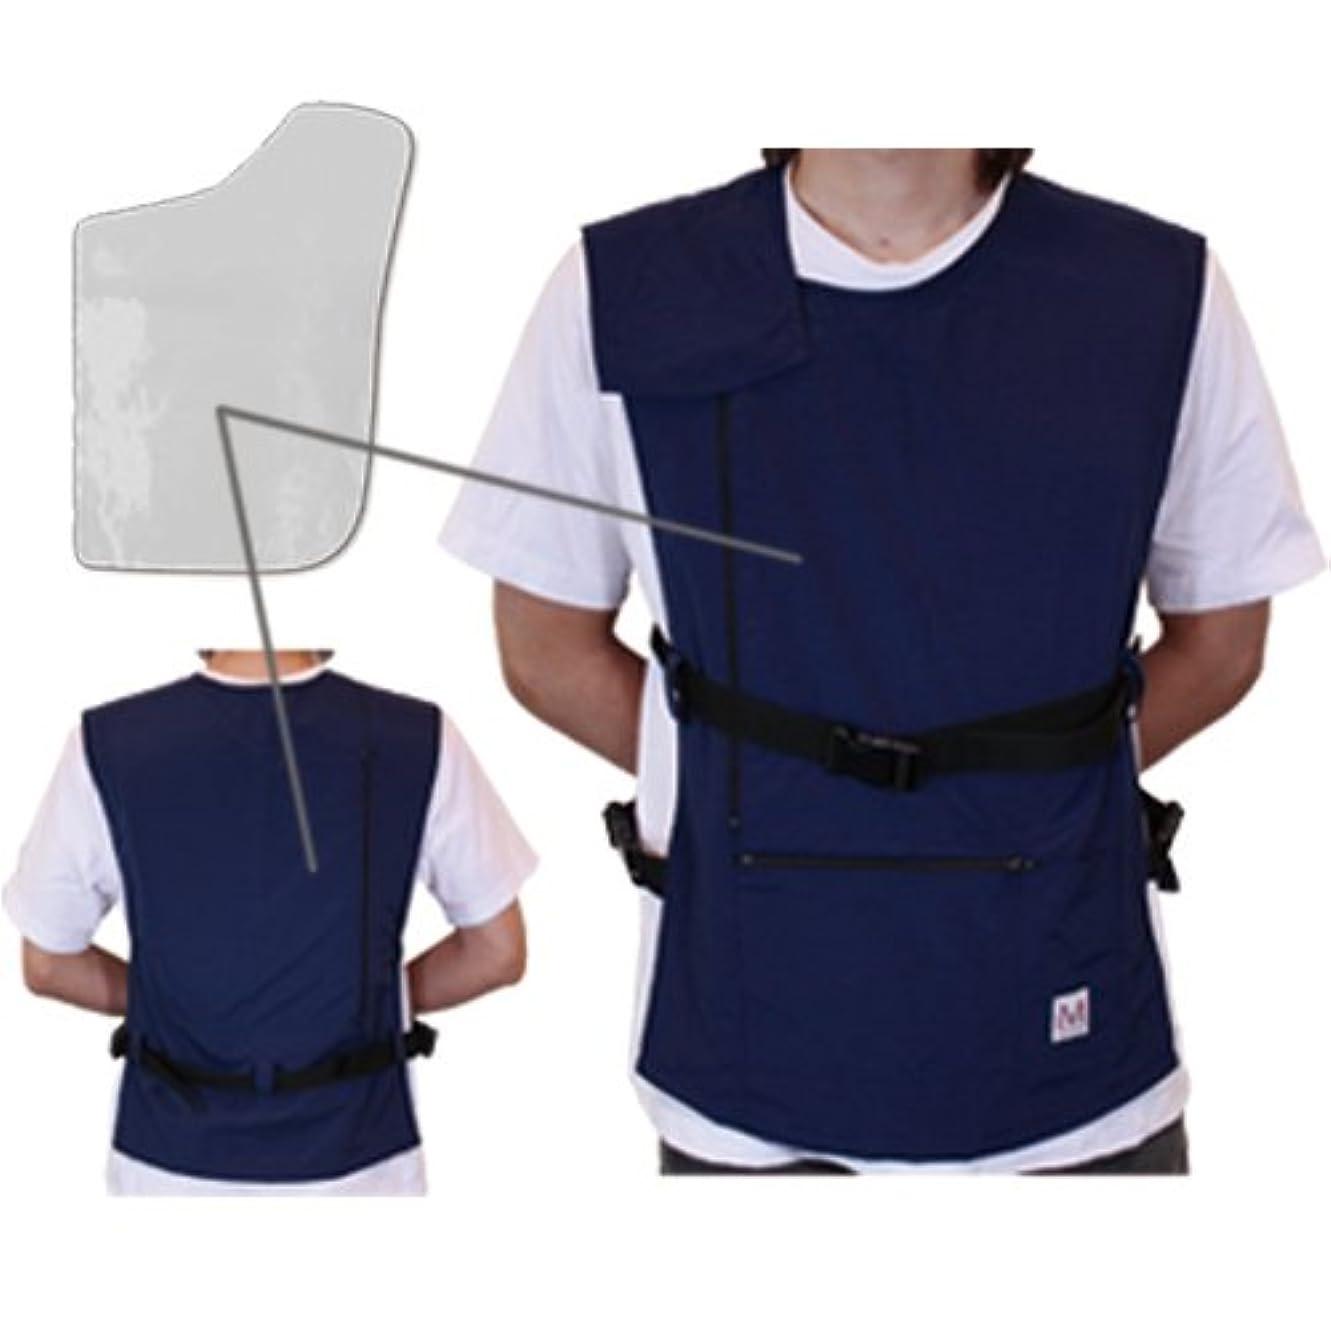 ストッキングクラフトお手伝いさんペースメーカ?ICD電磁波防護服「MGワークベスト左胸用(カーキー)2年間品質保証